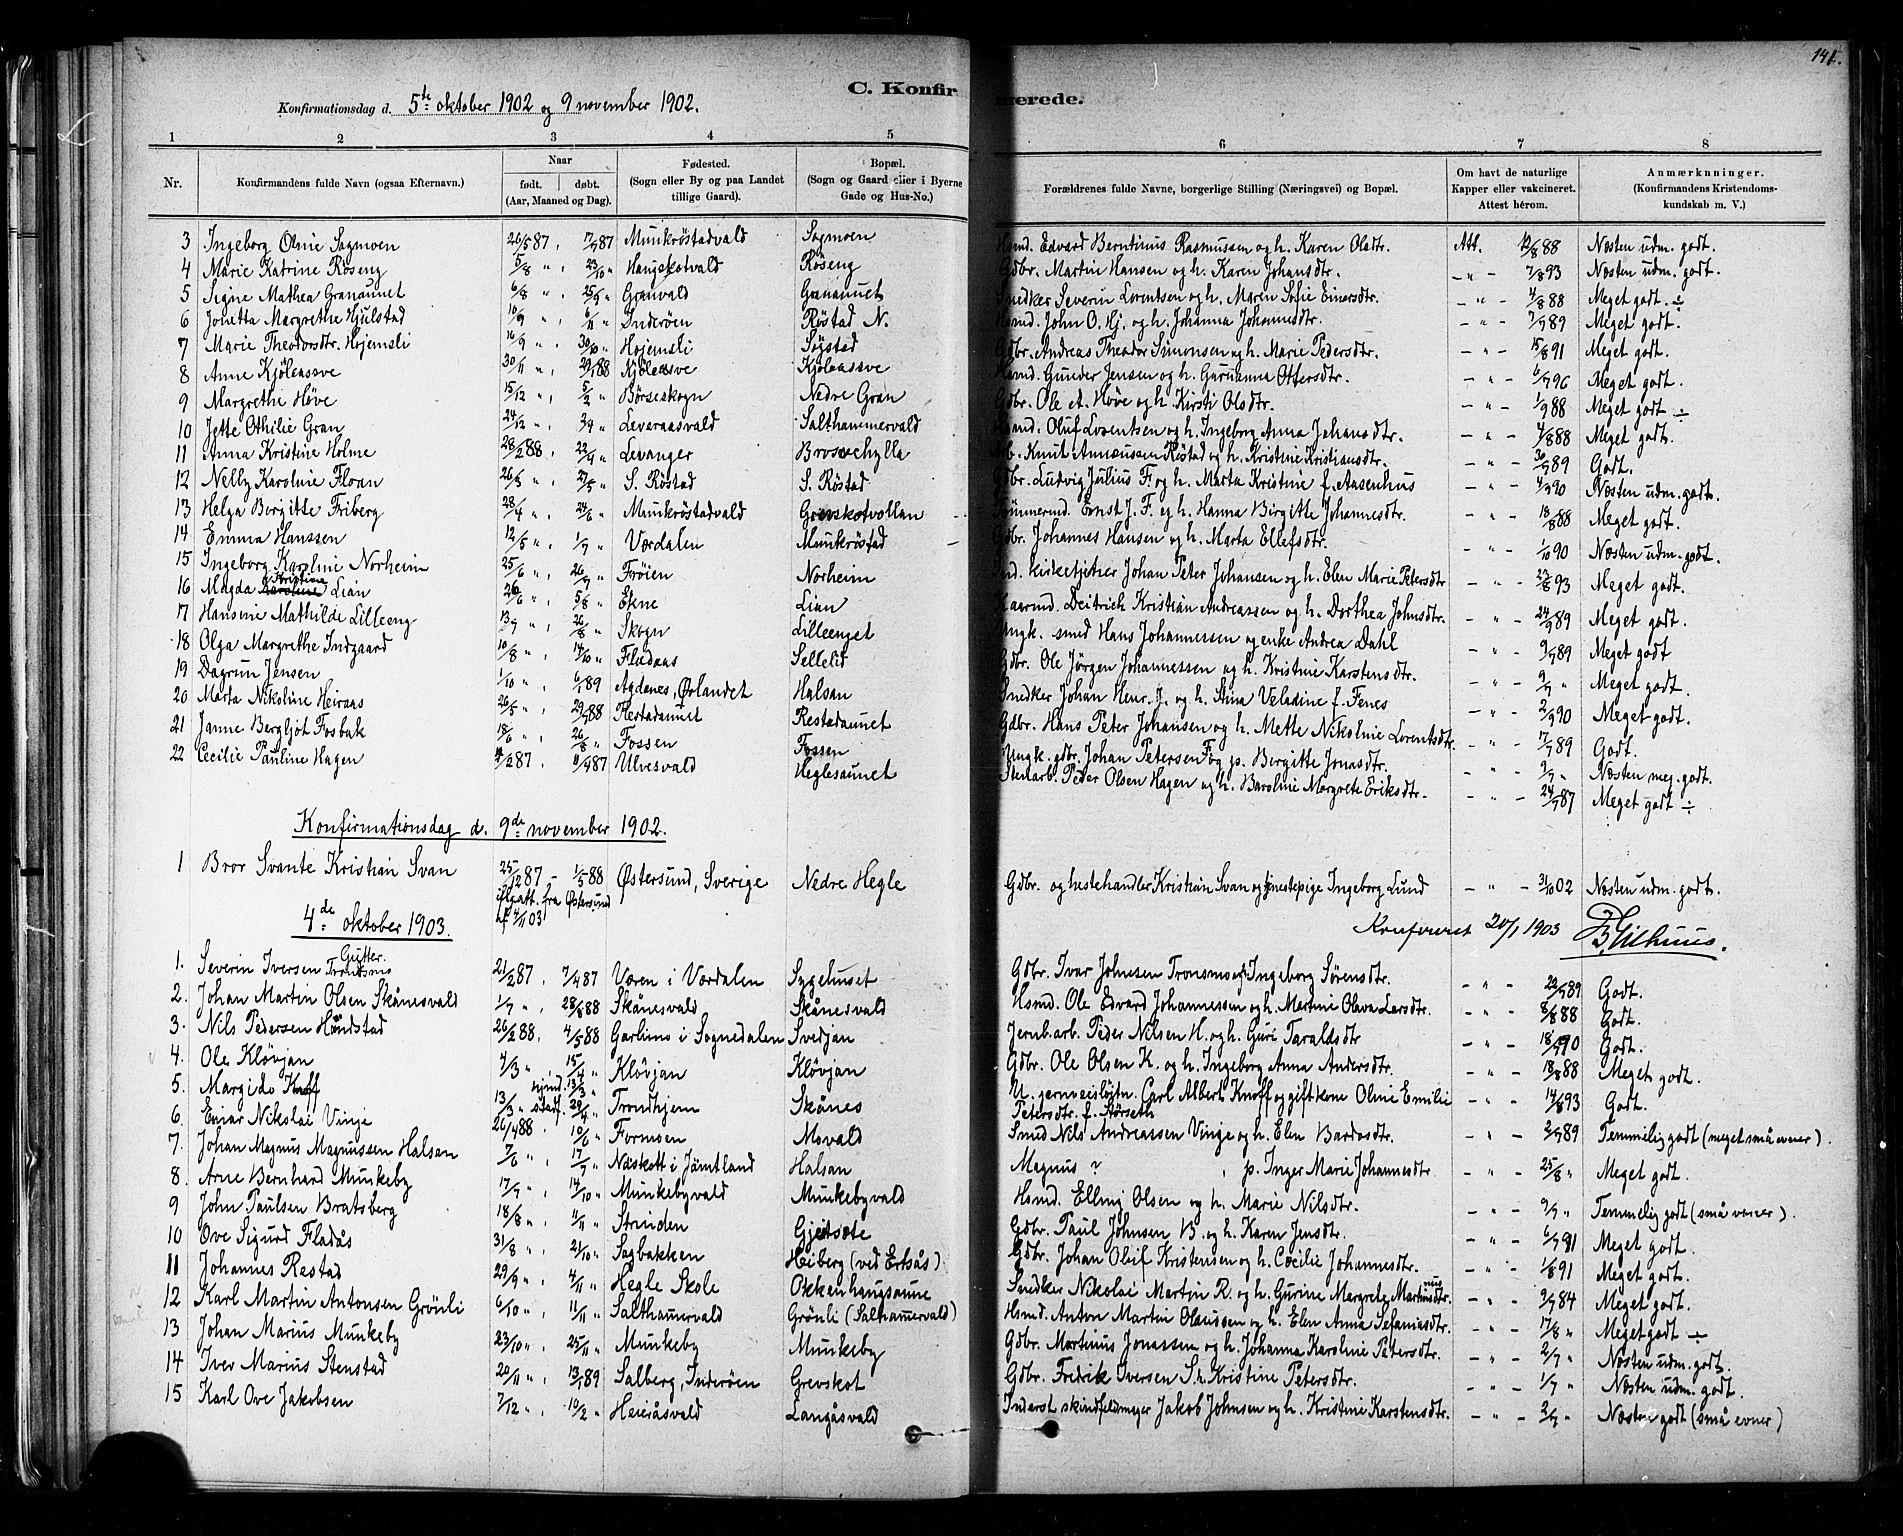 SAT, Ministerialprotokoller, klokkerbøker og fødselsregistre - Nord-Trøndelag, 721/L0208: Klokkerbok nr. 721C01, 1880-1917, s. 141